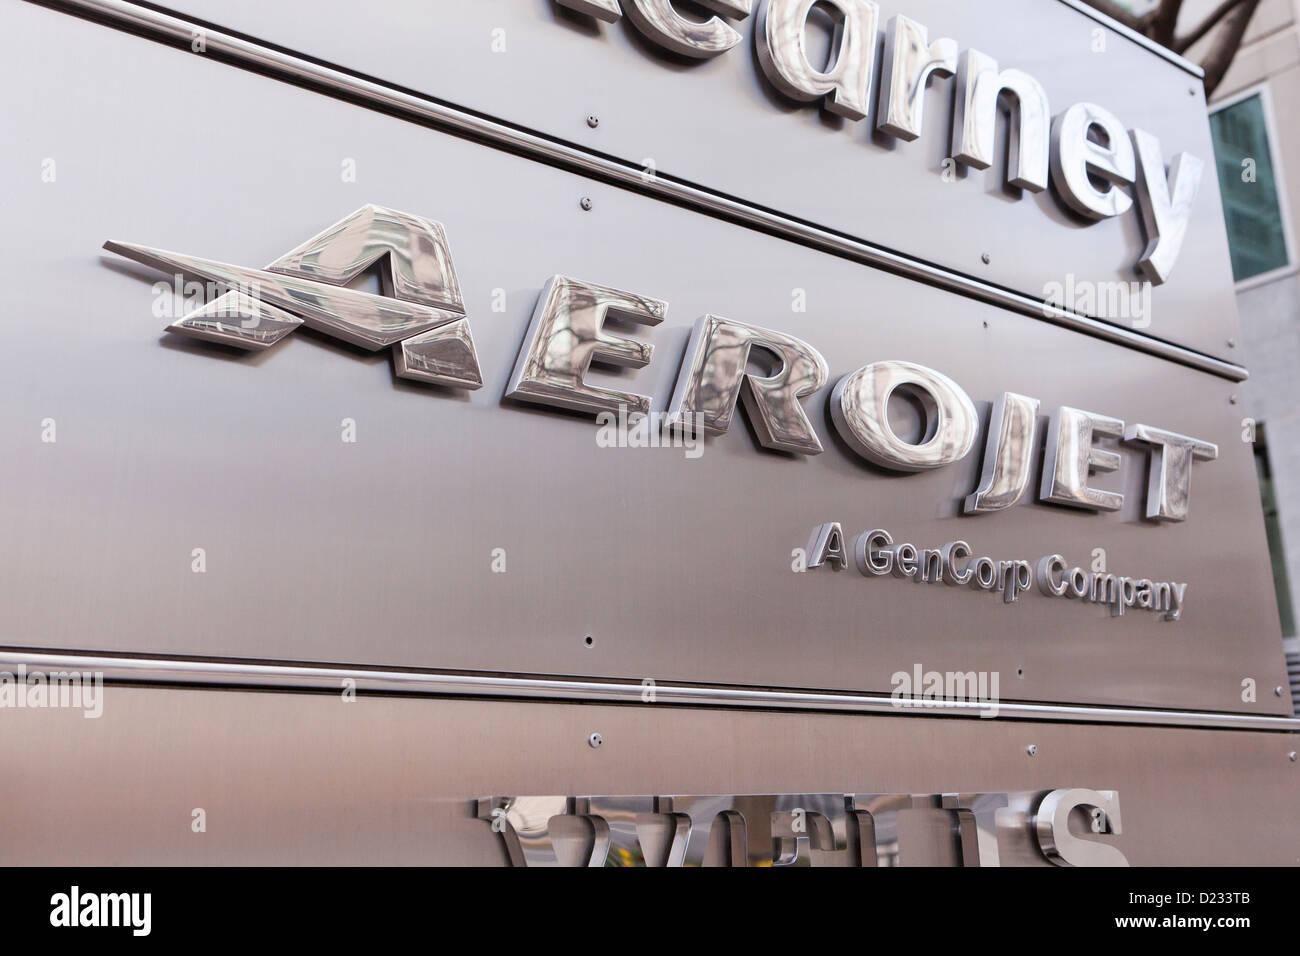 Aerojet company logo - Stock Image